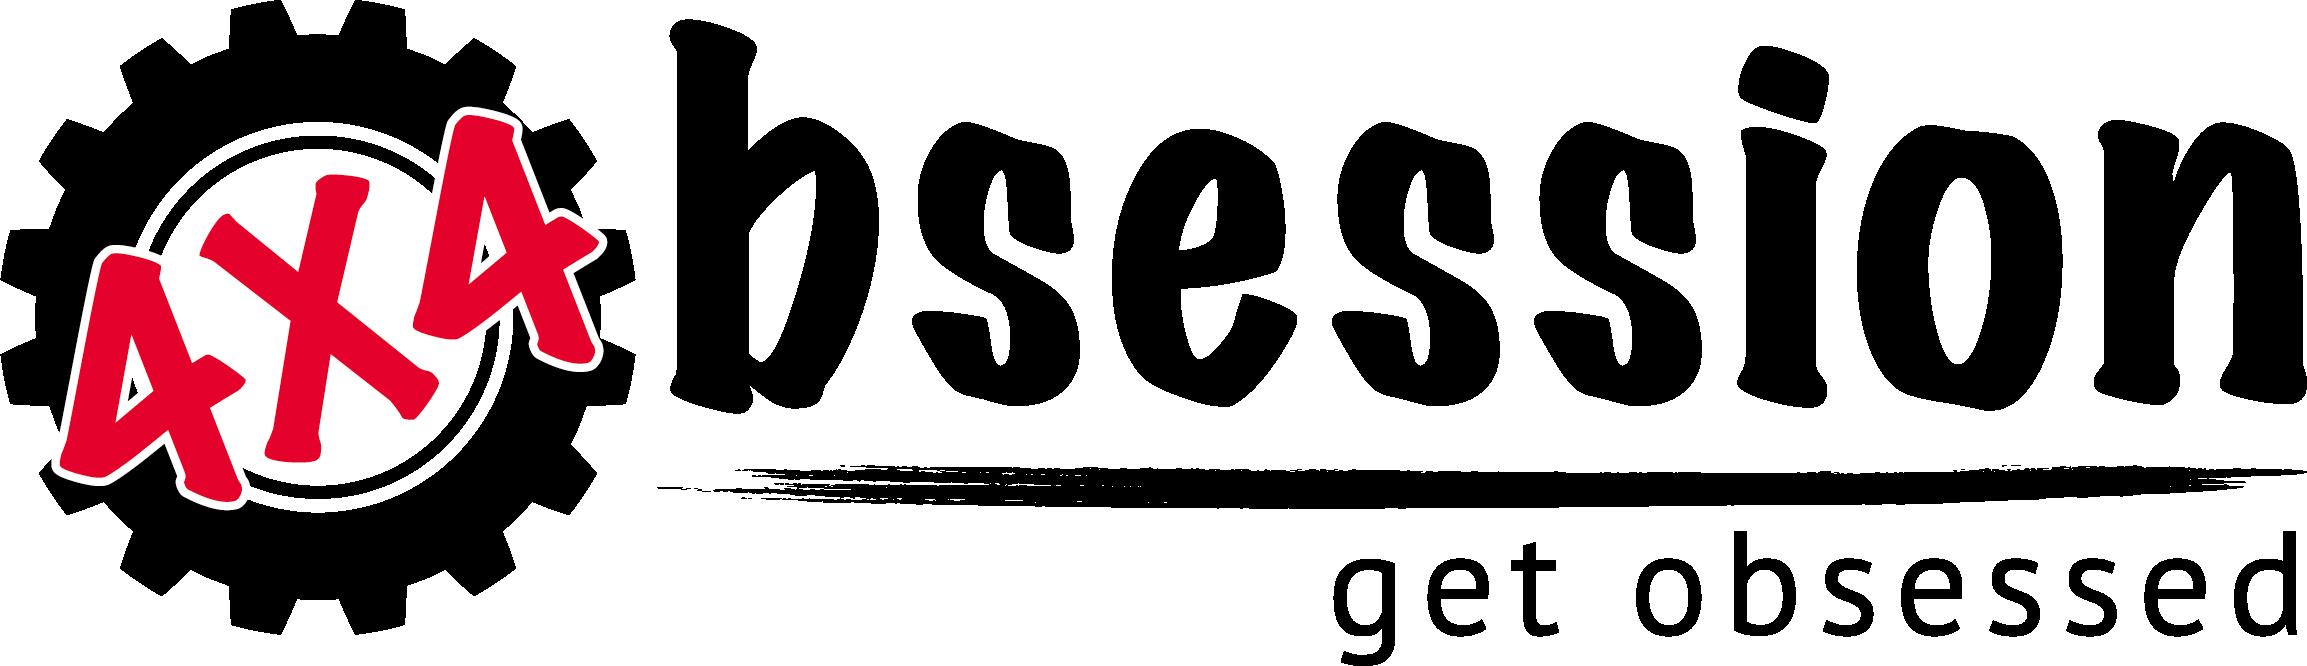 4x4 Obsession Logo White